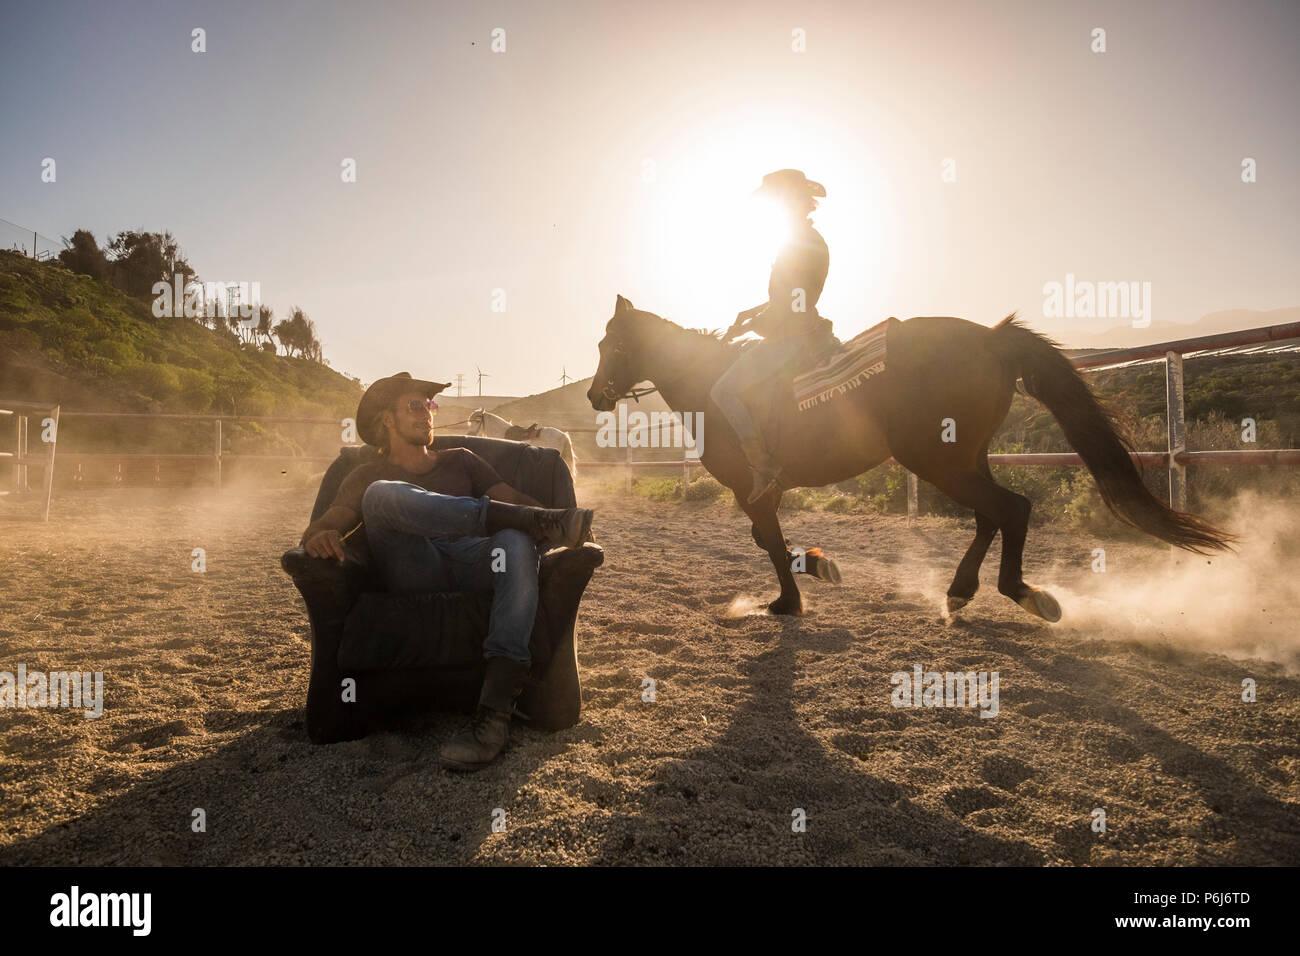 Les cavaliers avec les chevaux dans le coucher du soleil doré de lumière. Un homme assis sur un vieux fauteuil et une femme ride autour de lui rendre la poussière. image paysage avec moulins à vent dans la région de b Photo Stock